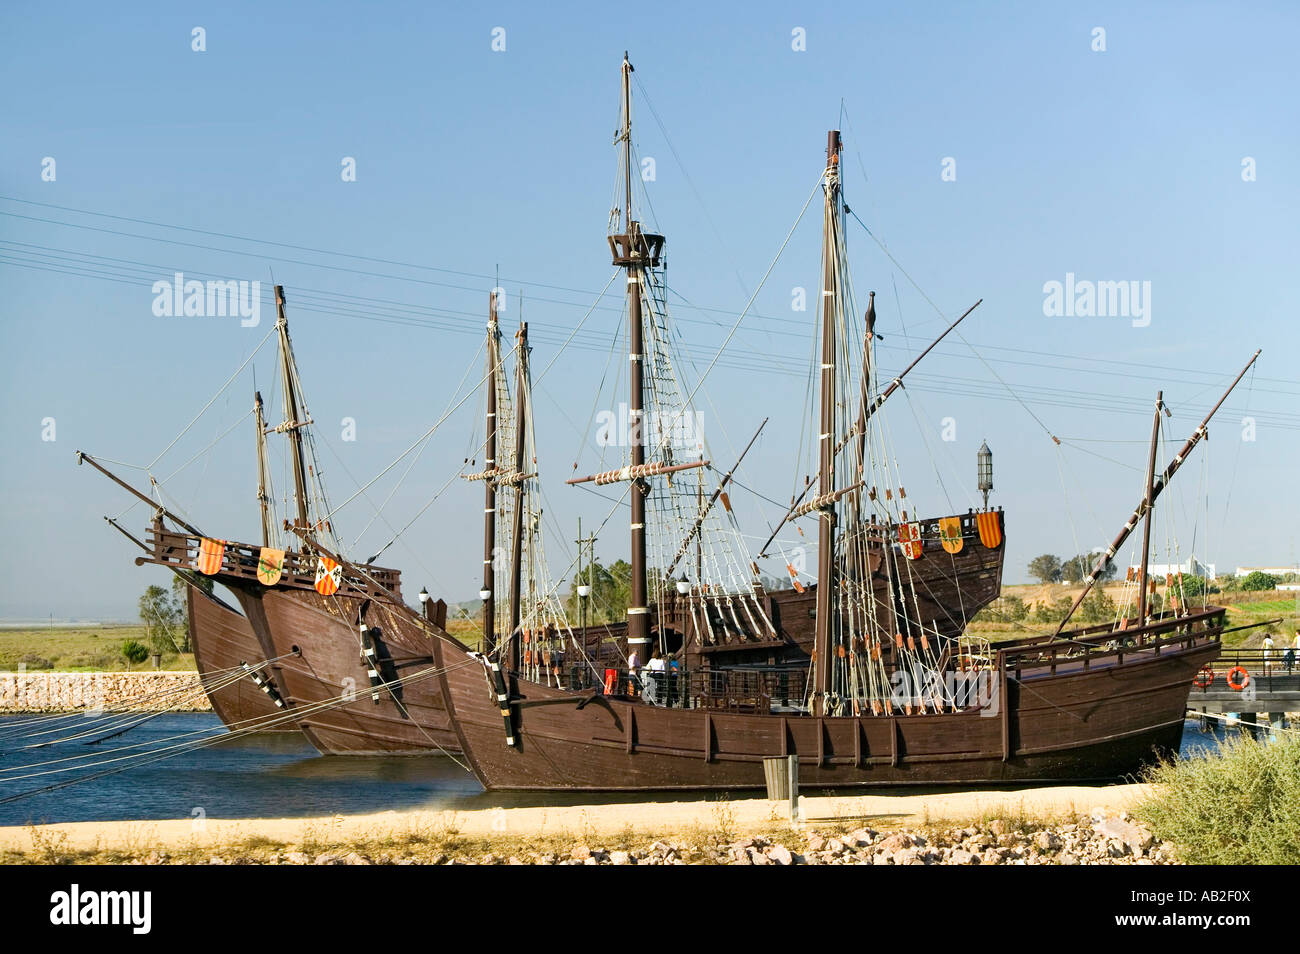 Full size replicas of Christopher Columbus ships the Santa Maria the Pinta or the Niña at Muelle de las Carabelas Stock Photo